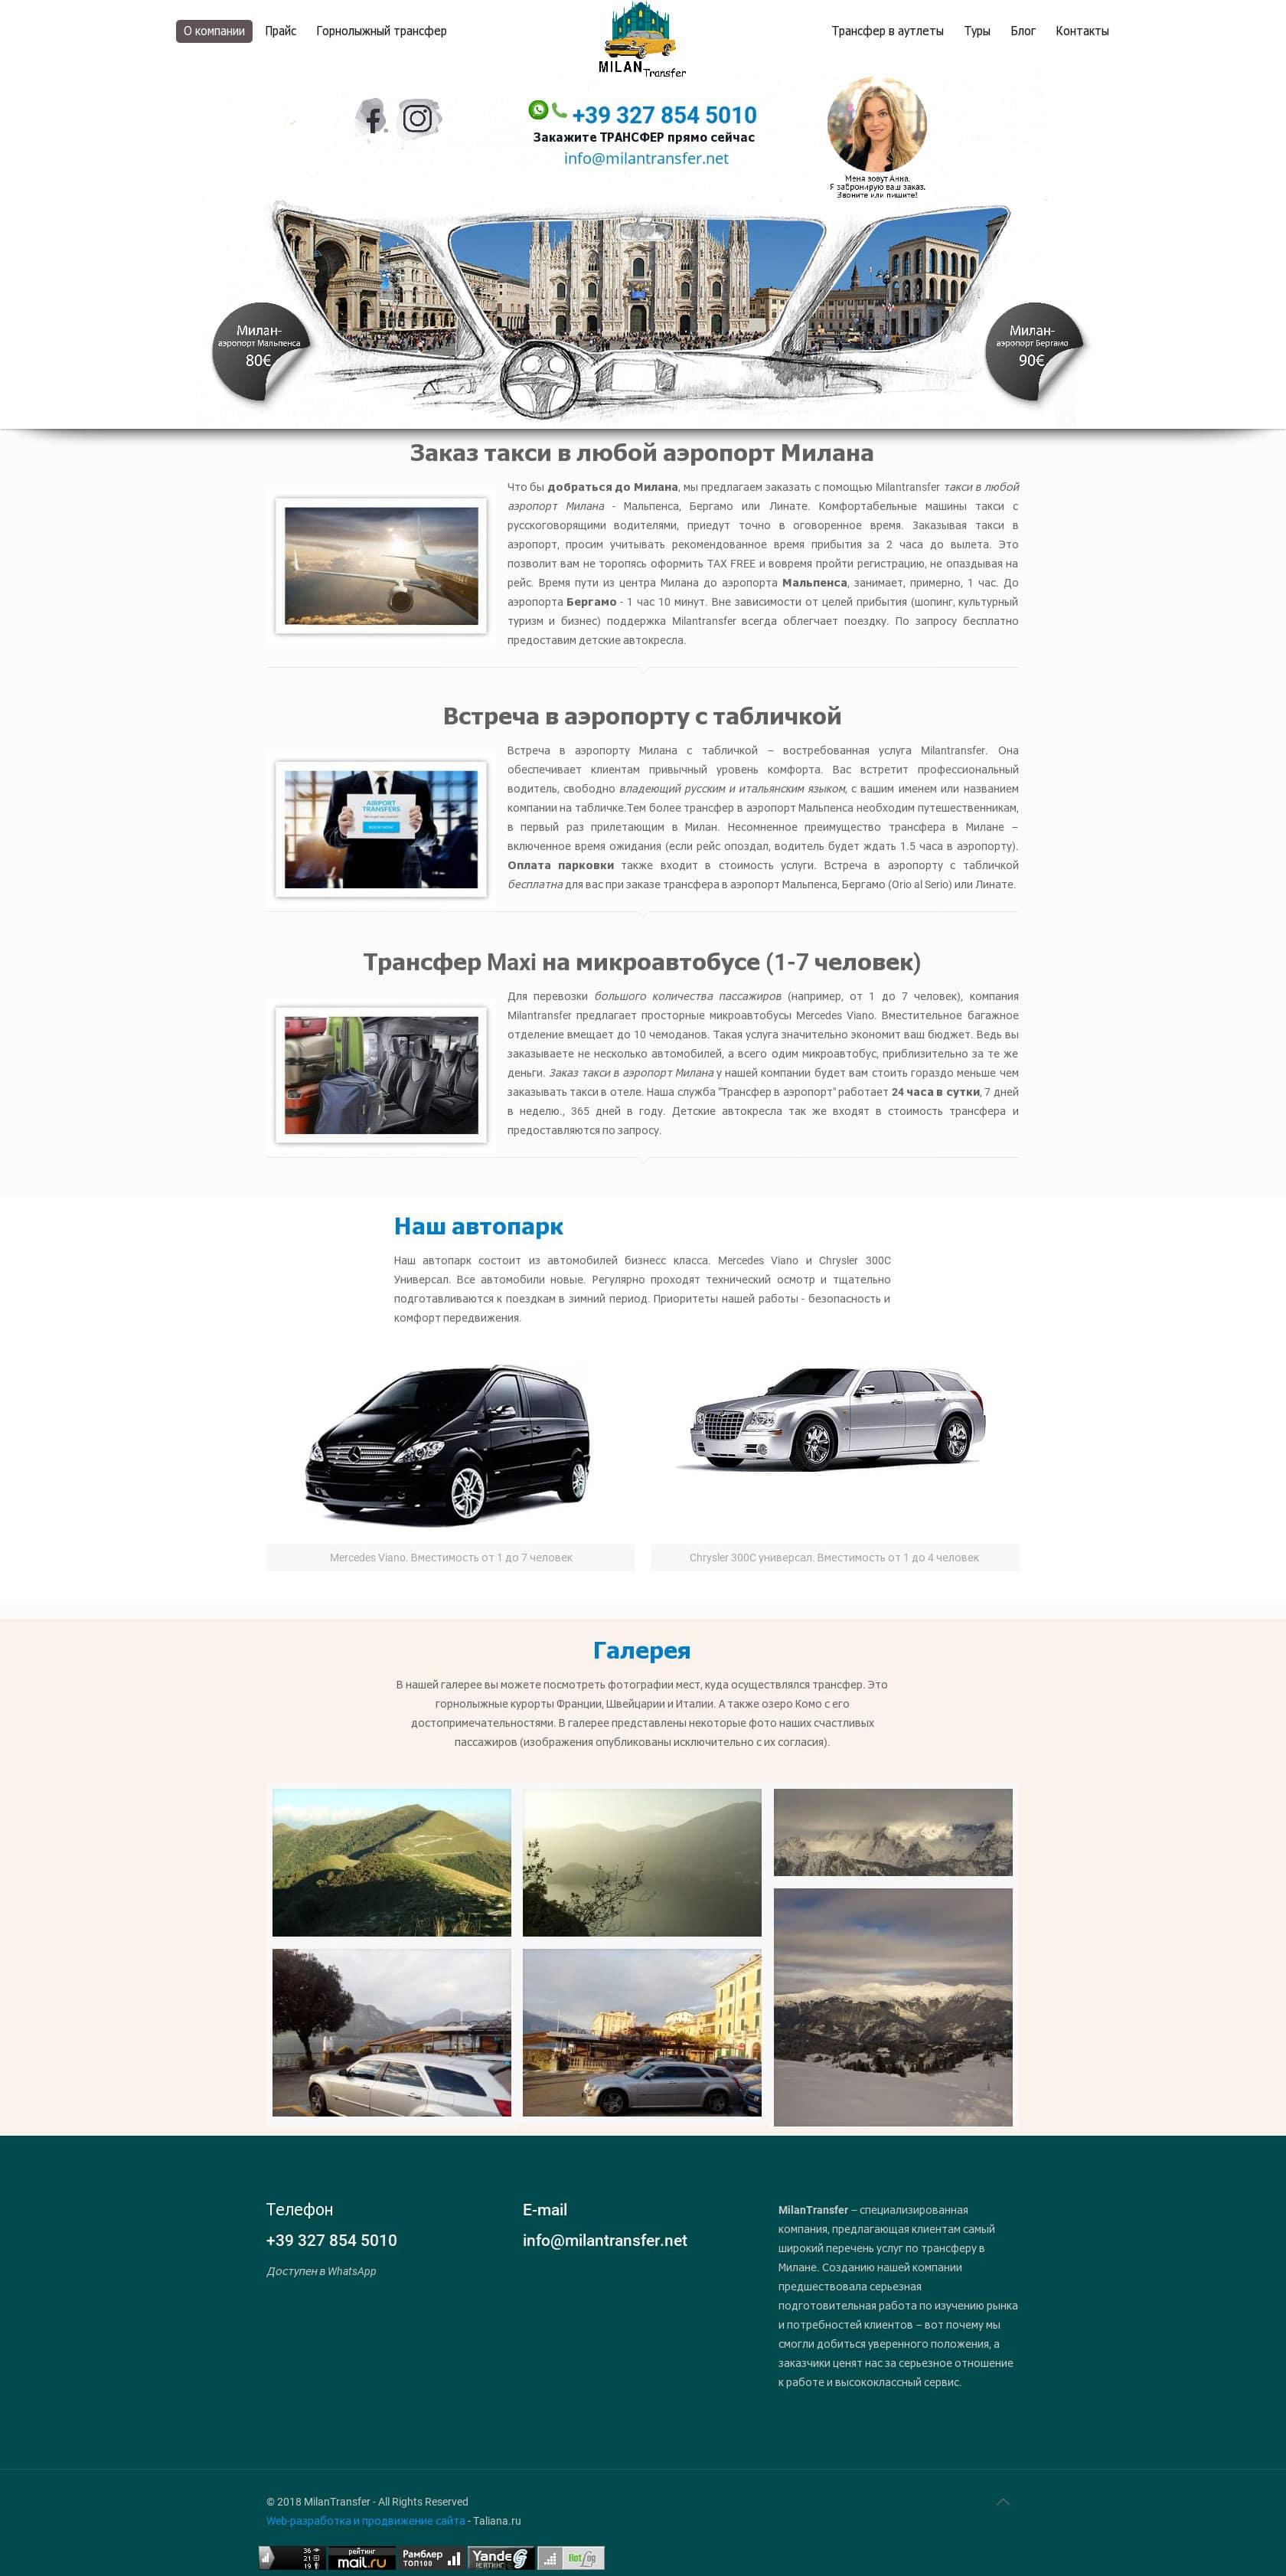 milan-transfer-web-design-prodvizhenie-moskva